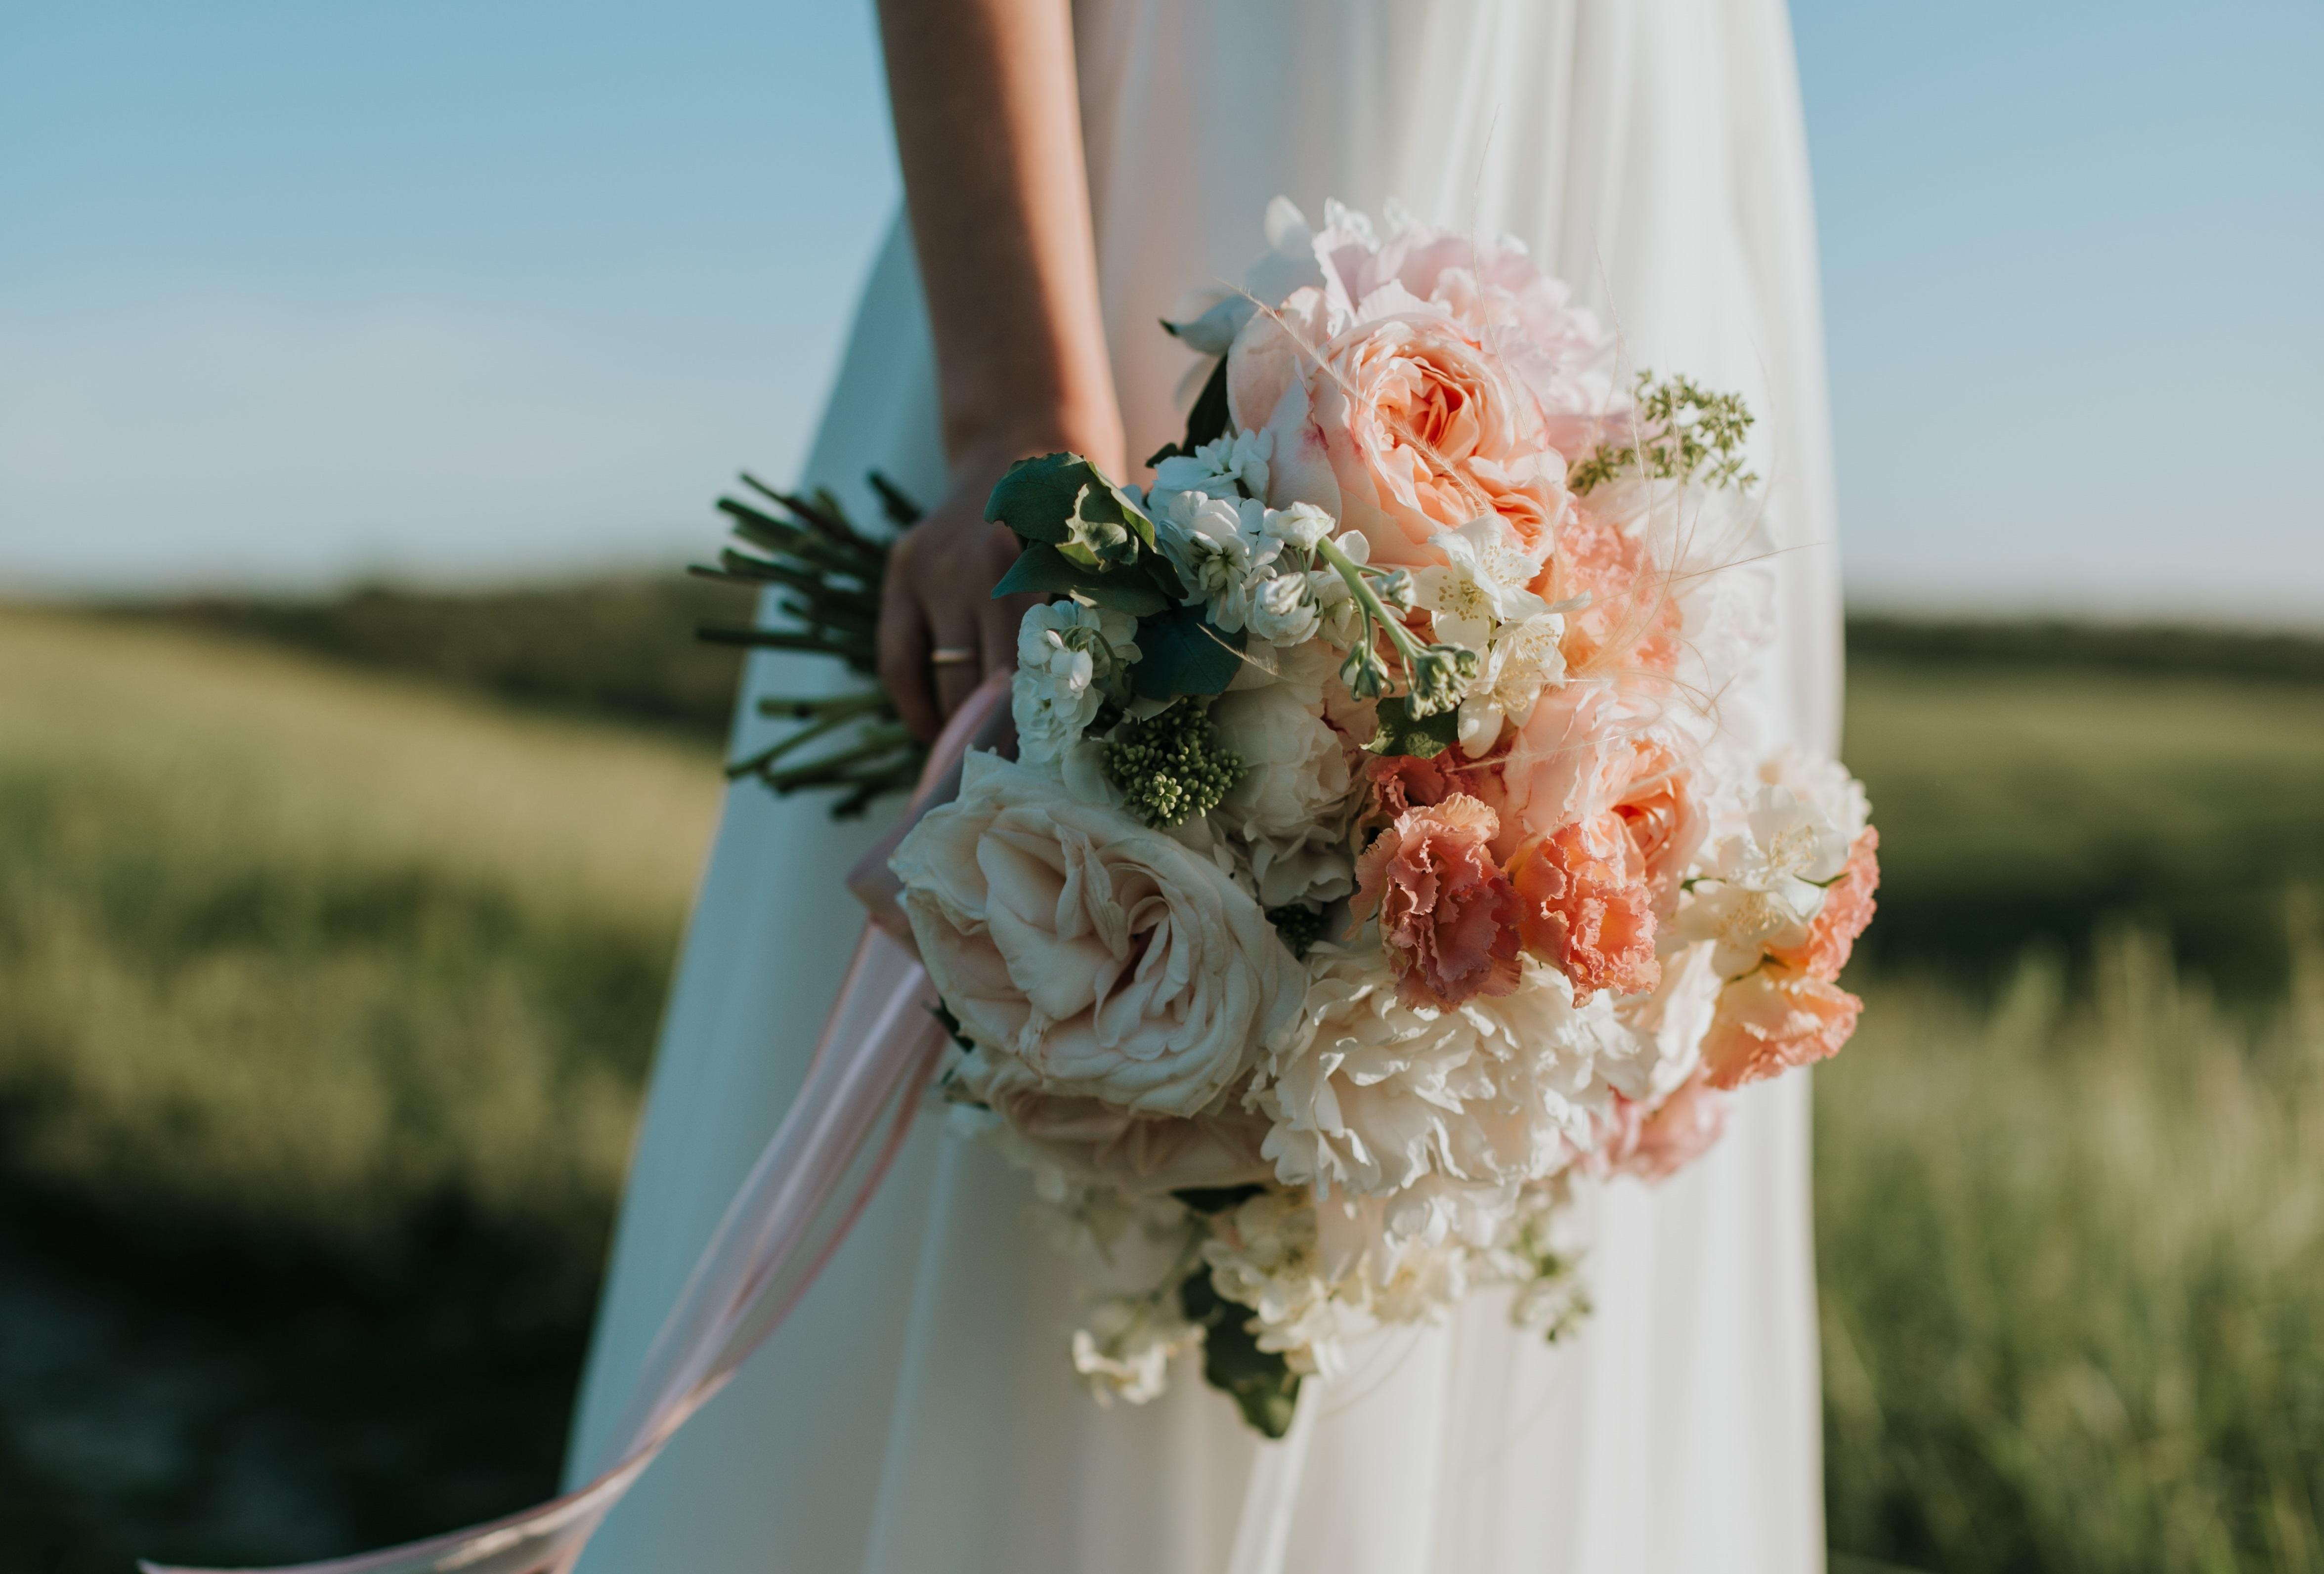 婚活市場で美人は有利か?